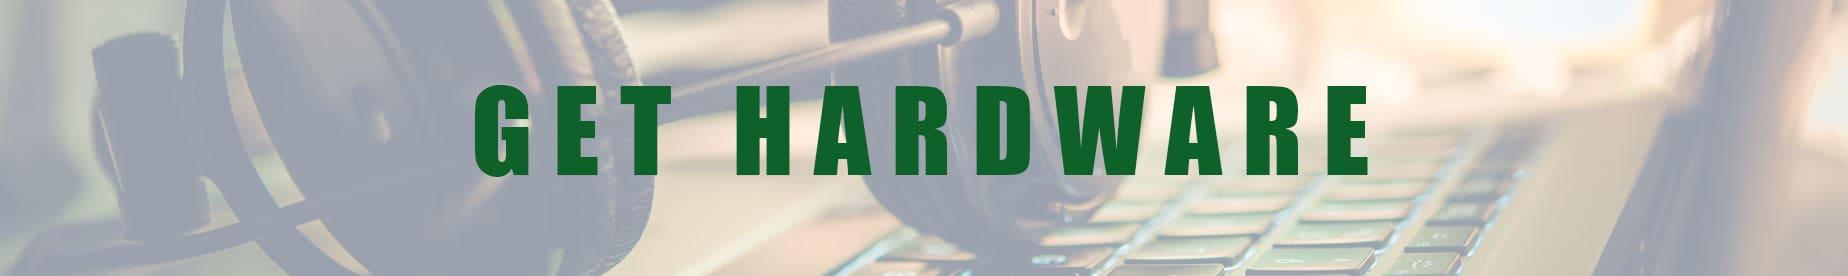 get hardware 4